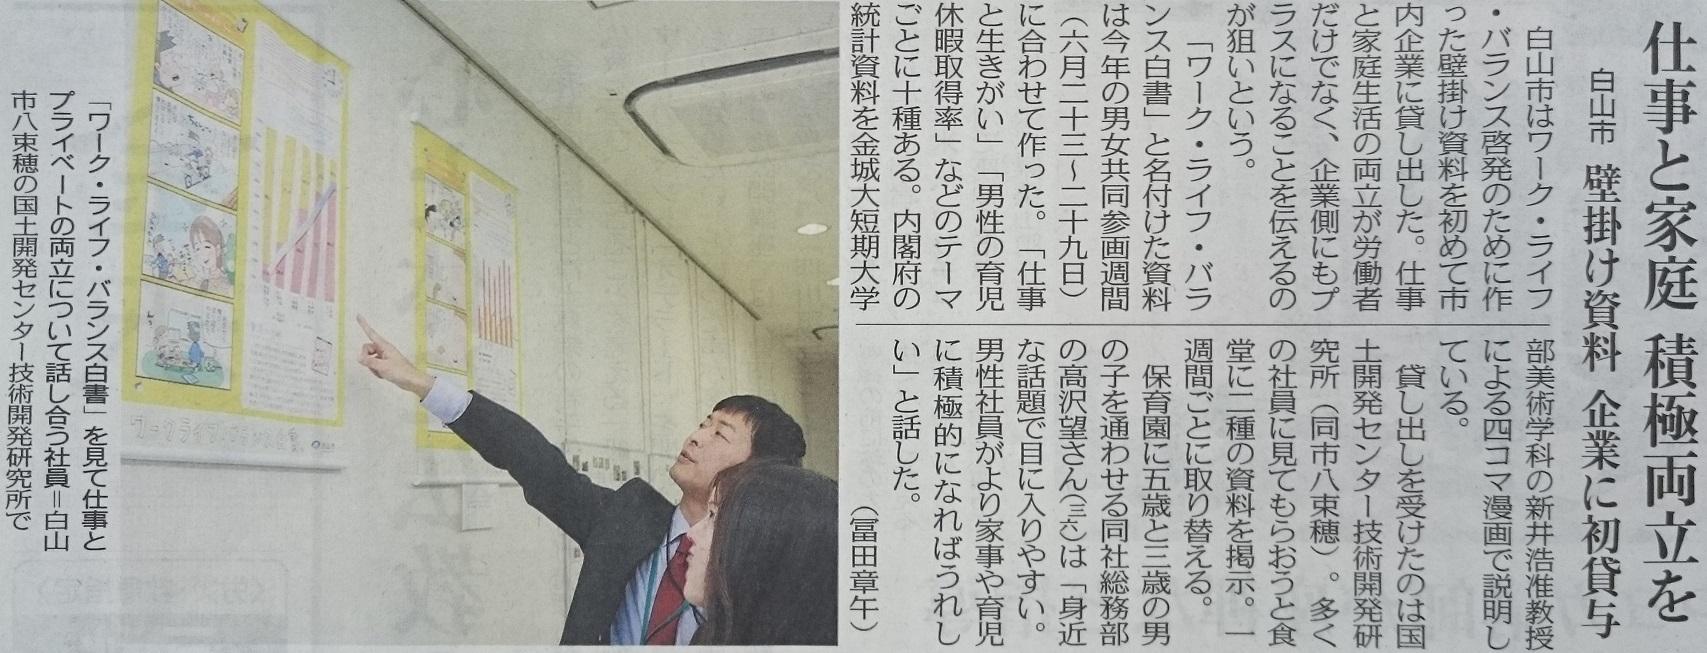 ワーク・ライフ・バランスの取組みが、北陸中日新聞に掲載されました。